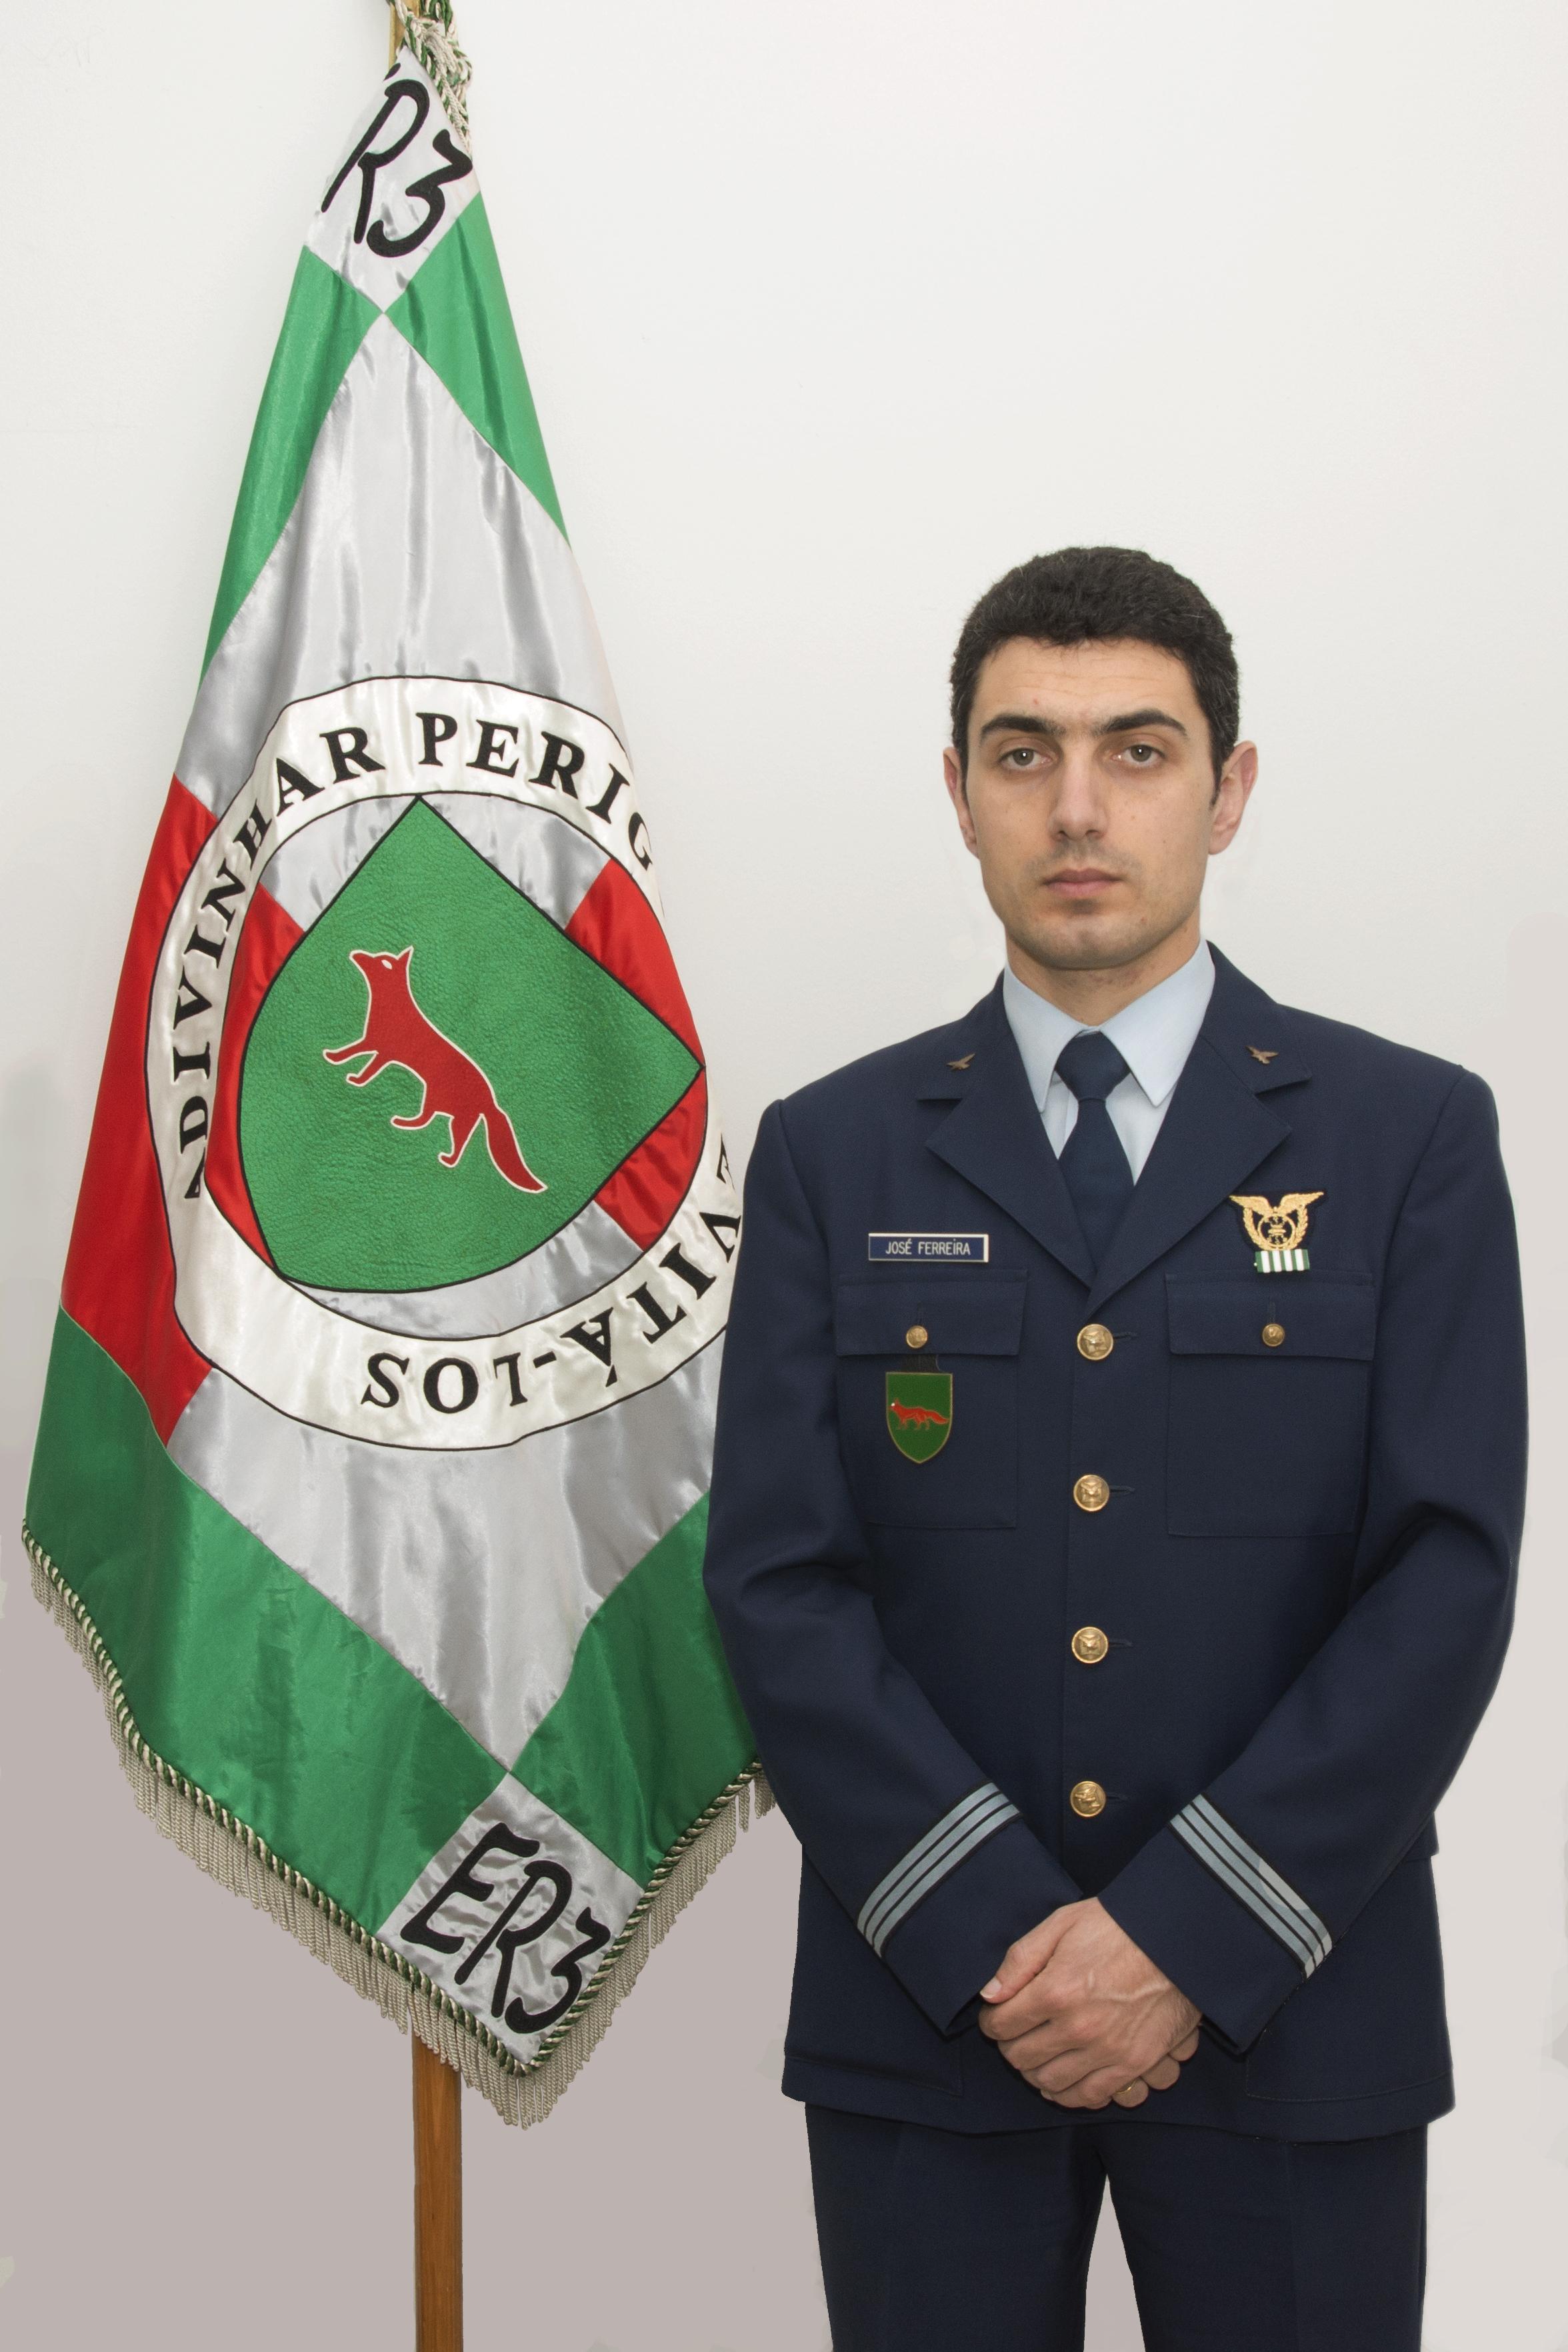 Foto de Capitão José Joaquim da Rocha Ferreira